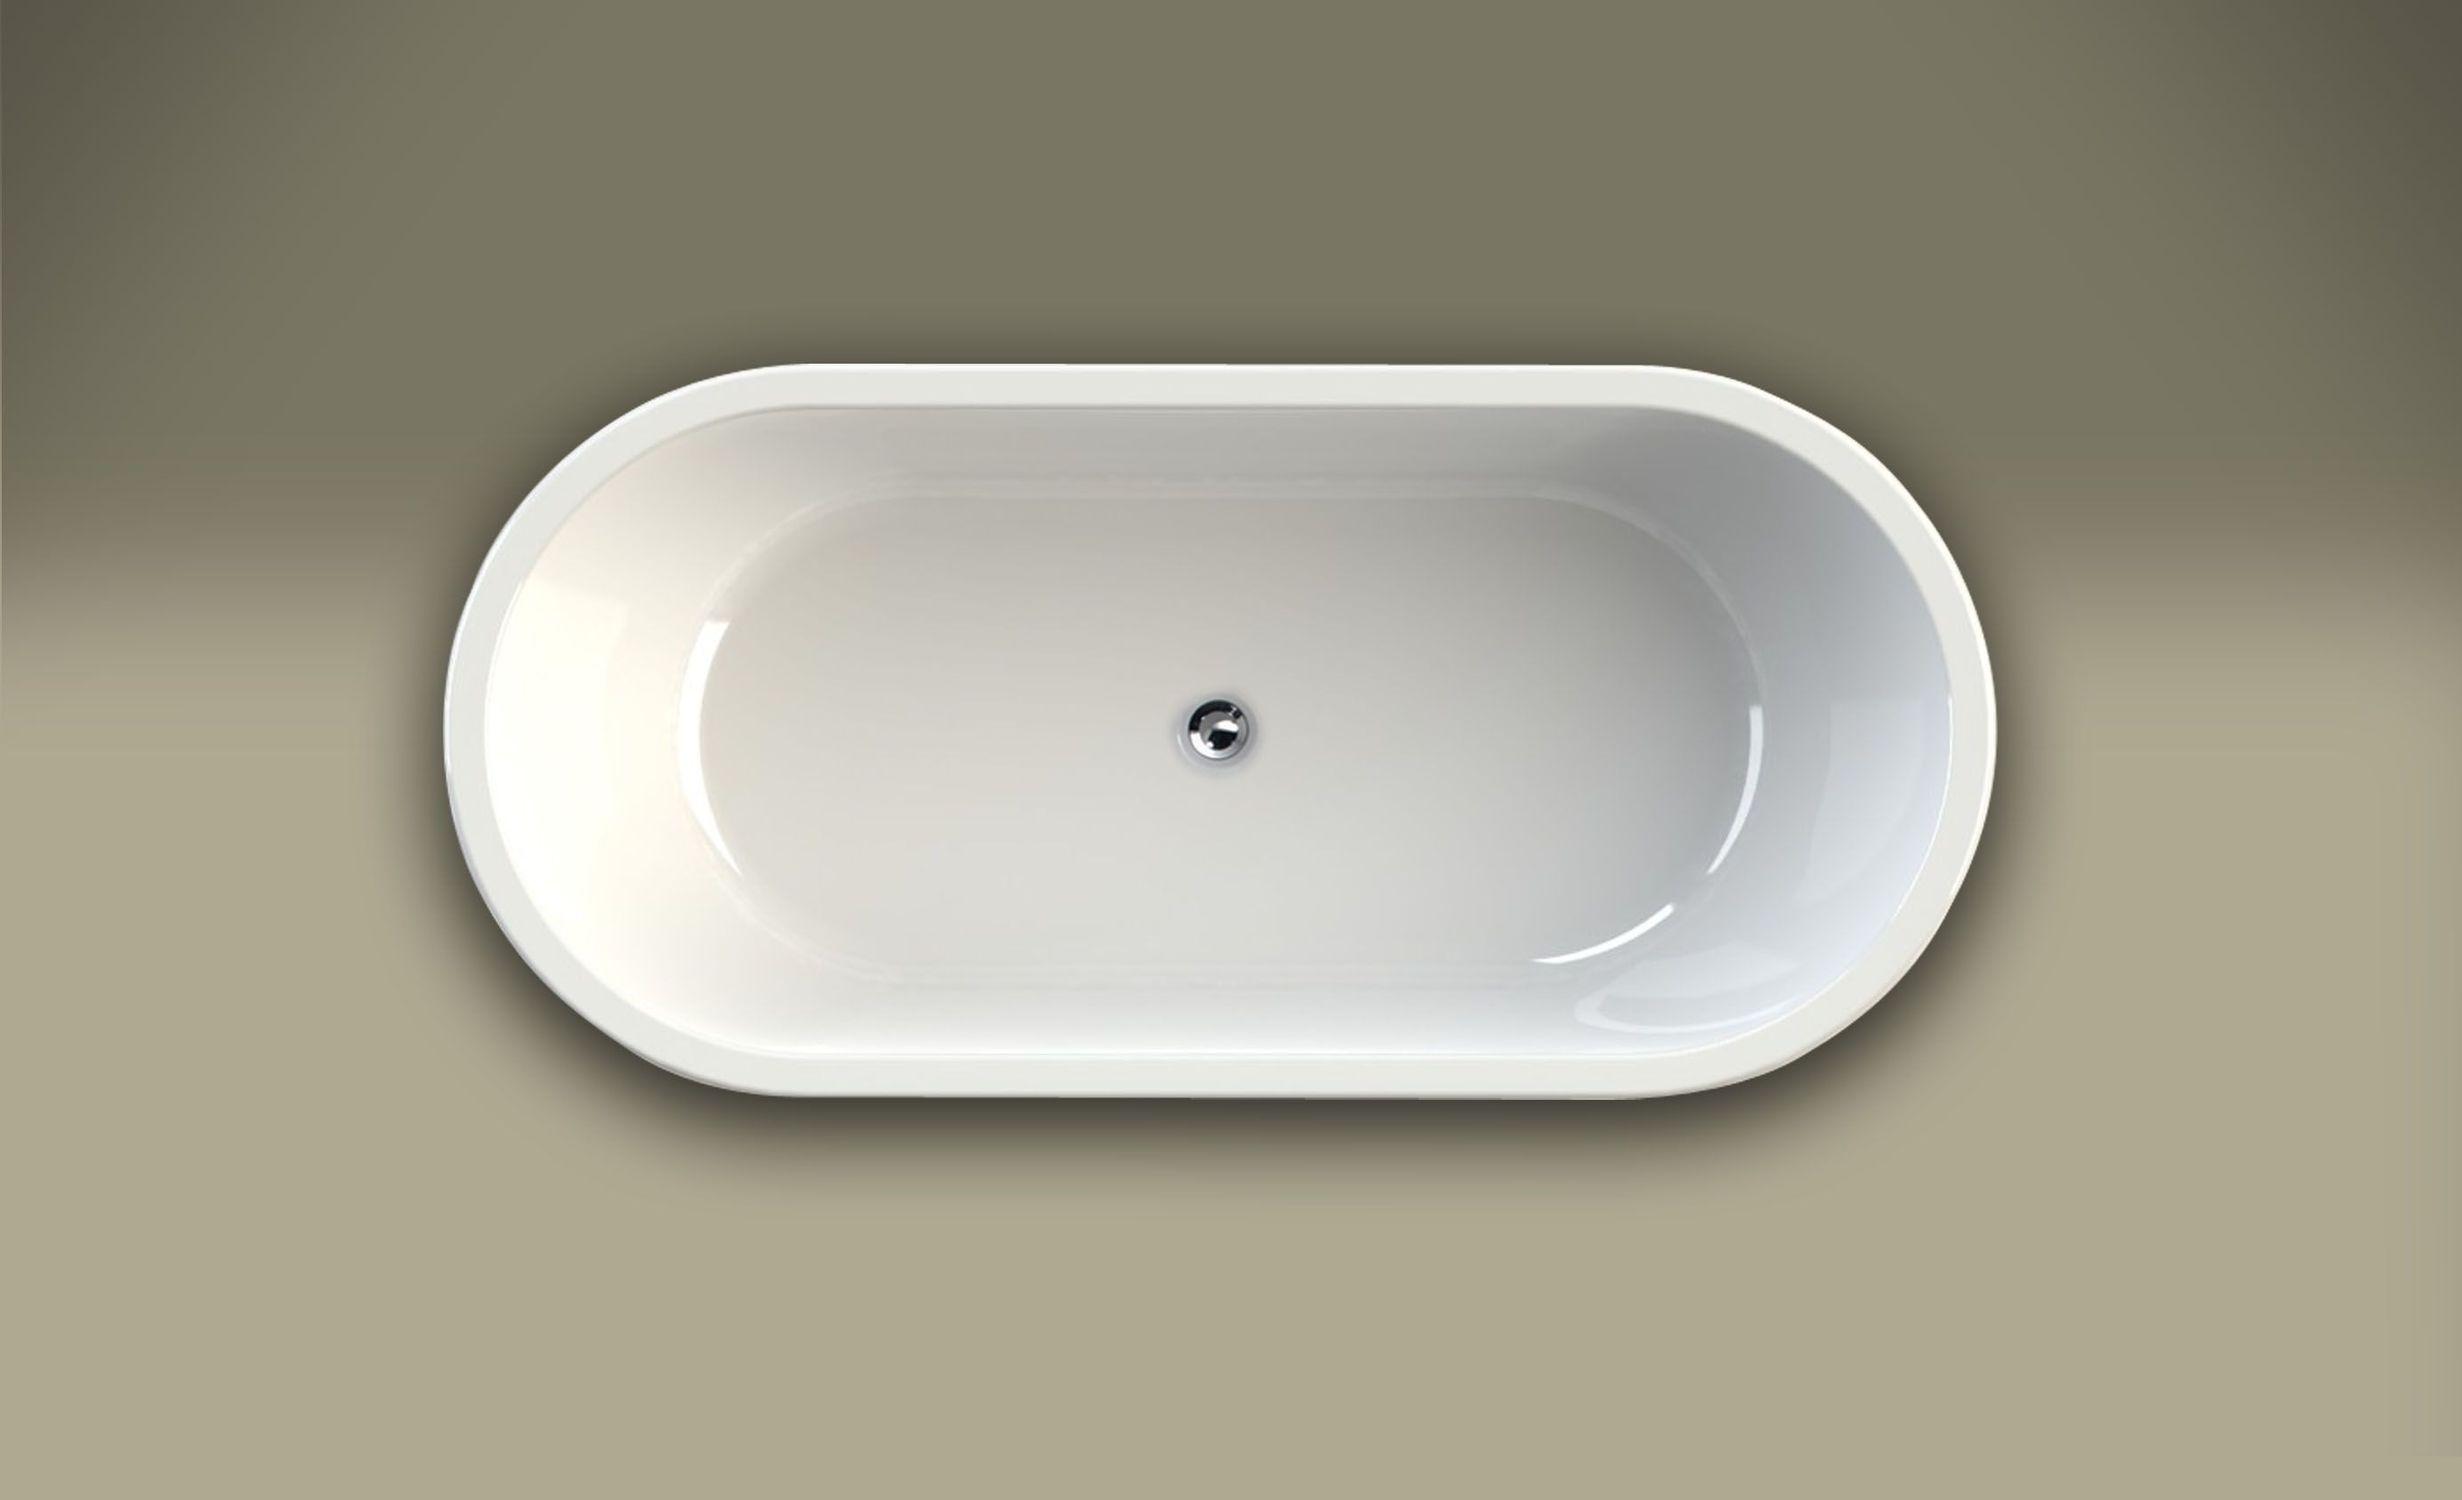 Vasca Da Bagno Forme : Vasca da bagno da appoggio ovale in acrilico form knief